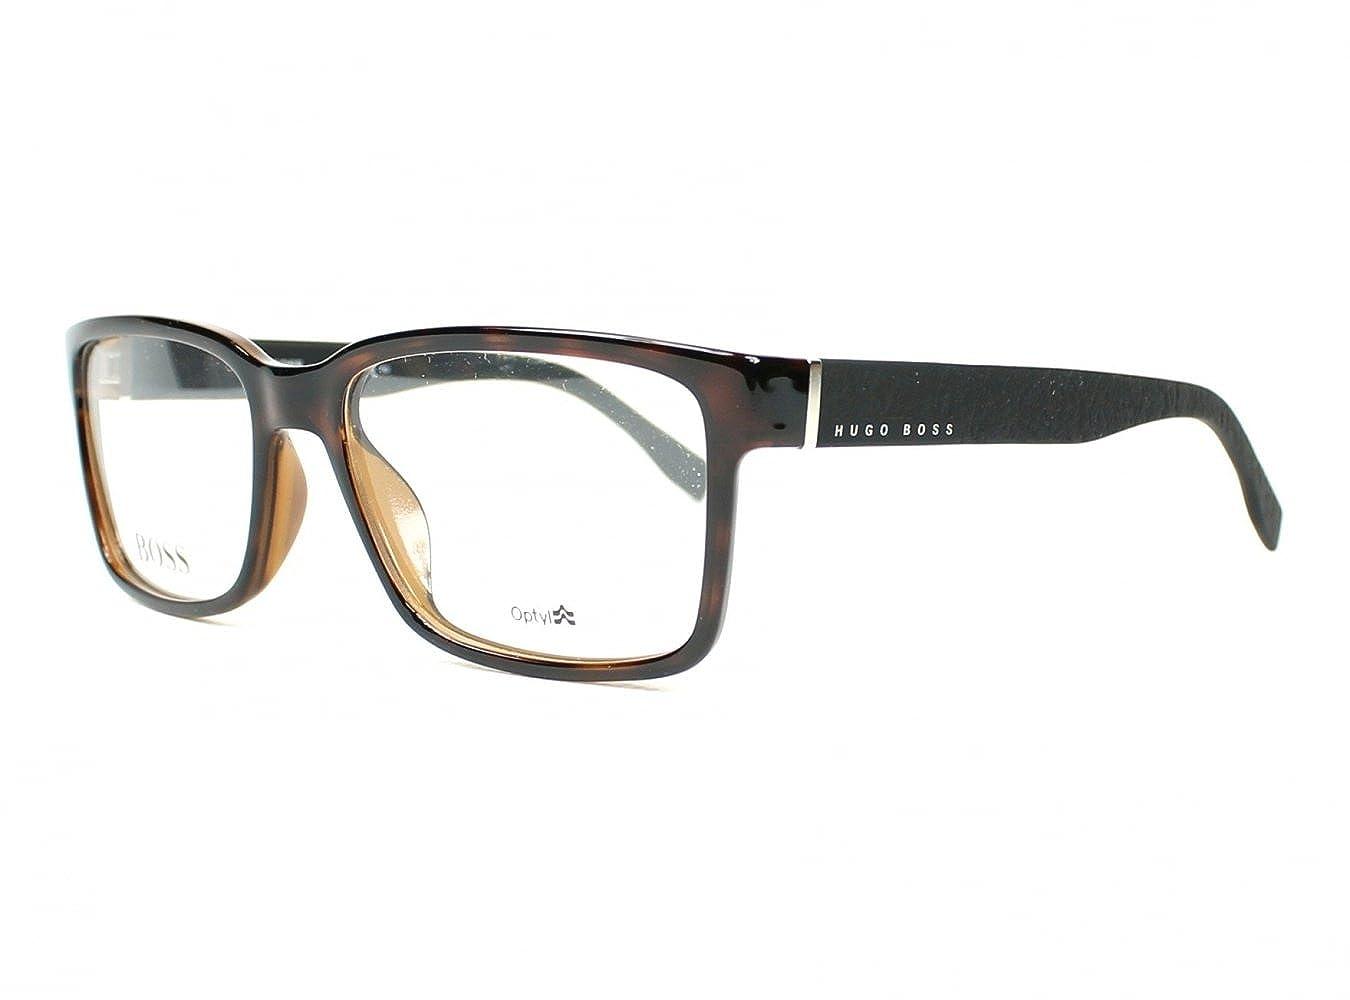 HUGO BOSS Men's BOSS 0831 Z2I 55 Sunglasses, (Havana Black)